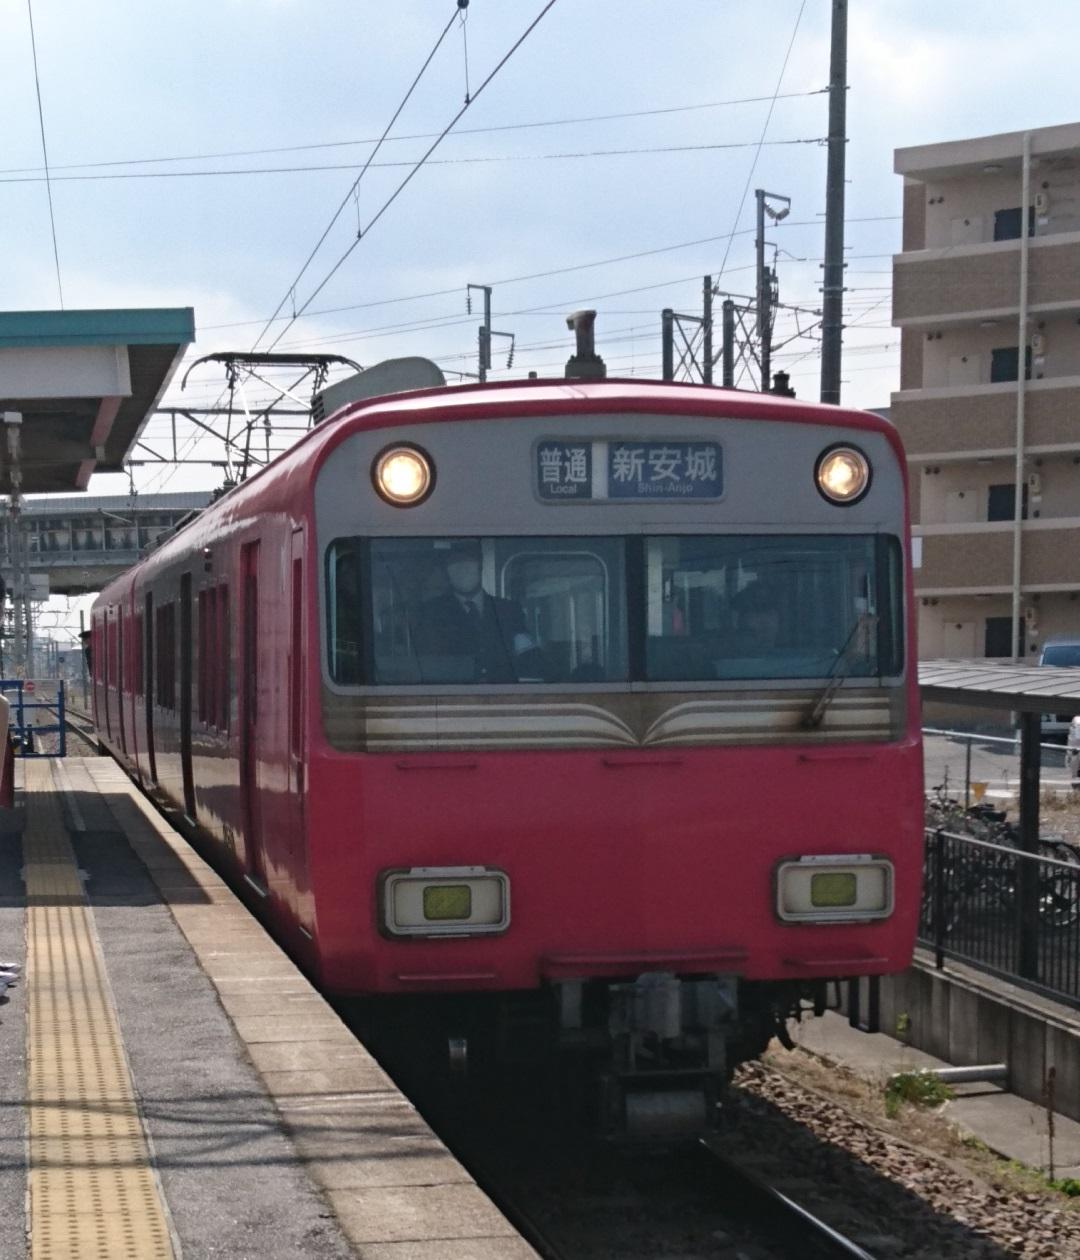 2017.3.12 名古屋 (1) 古井 - しんあんじょういきふつう 1080-1260